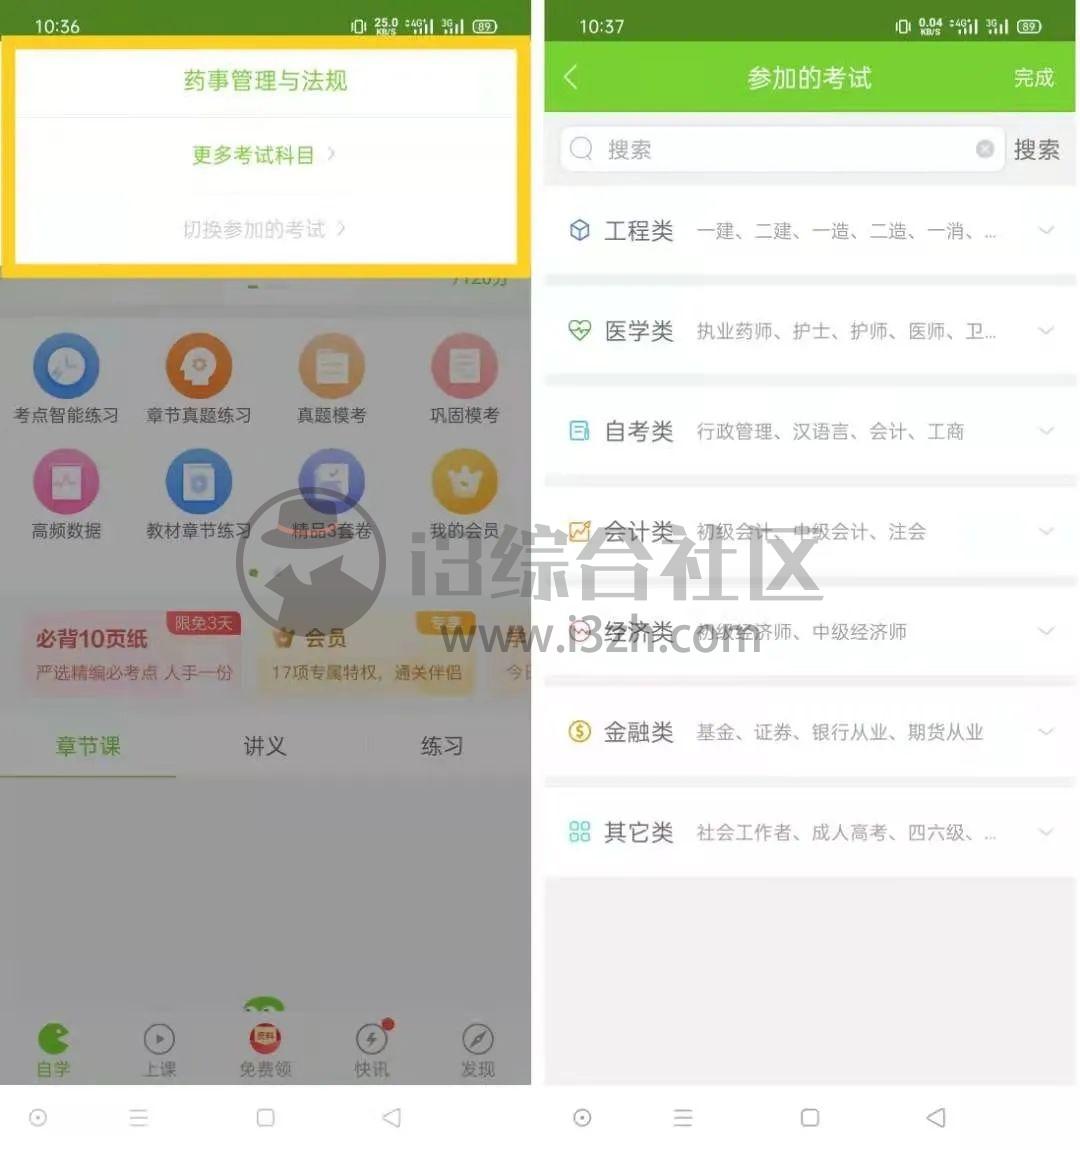 万题库v5.2.3.1破解版,解锁全部付费特权,价值2195元/年!-i3综合社区